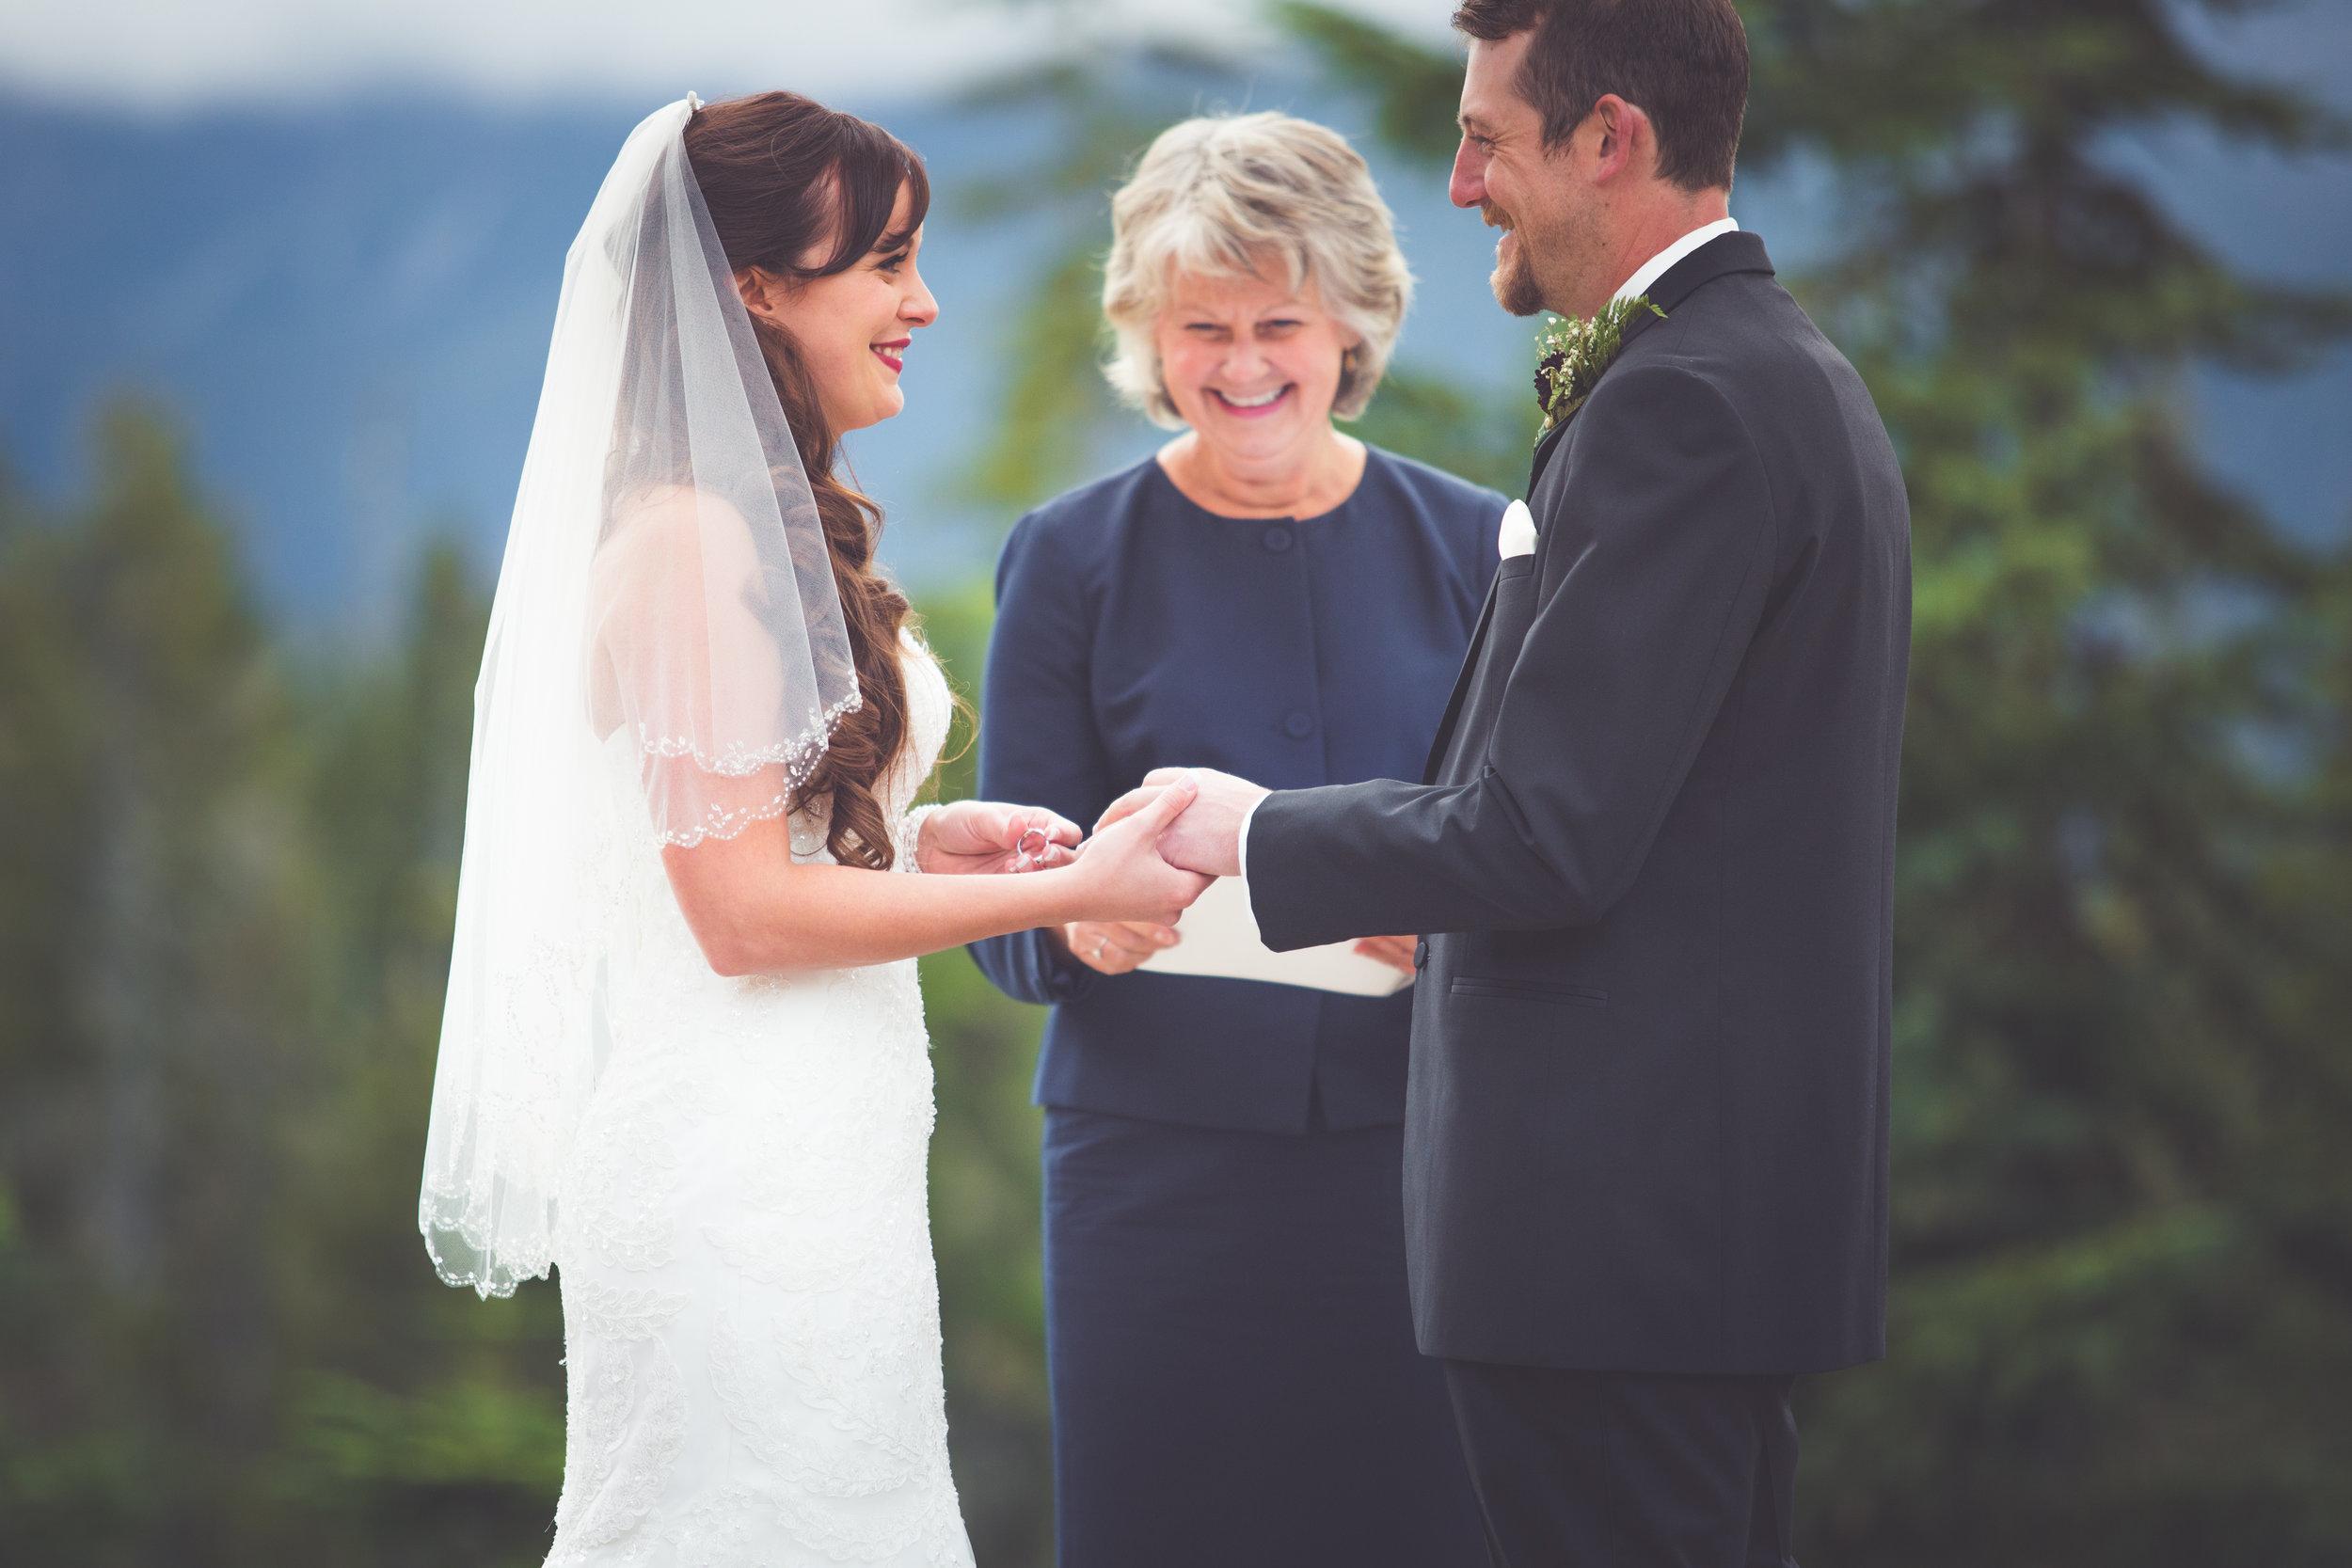 ring exchange at mount washington resort wedding